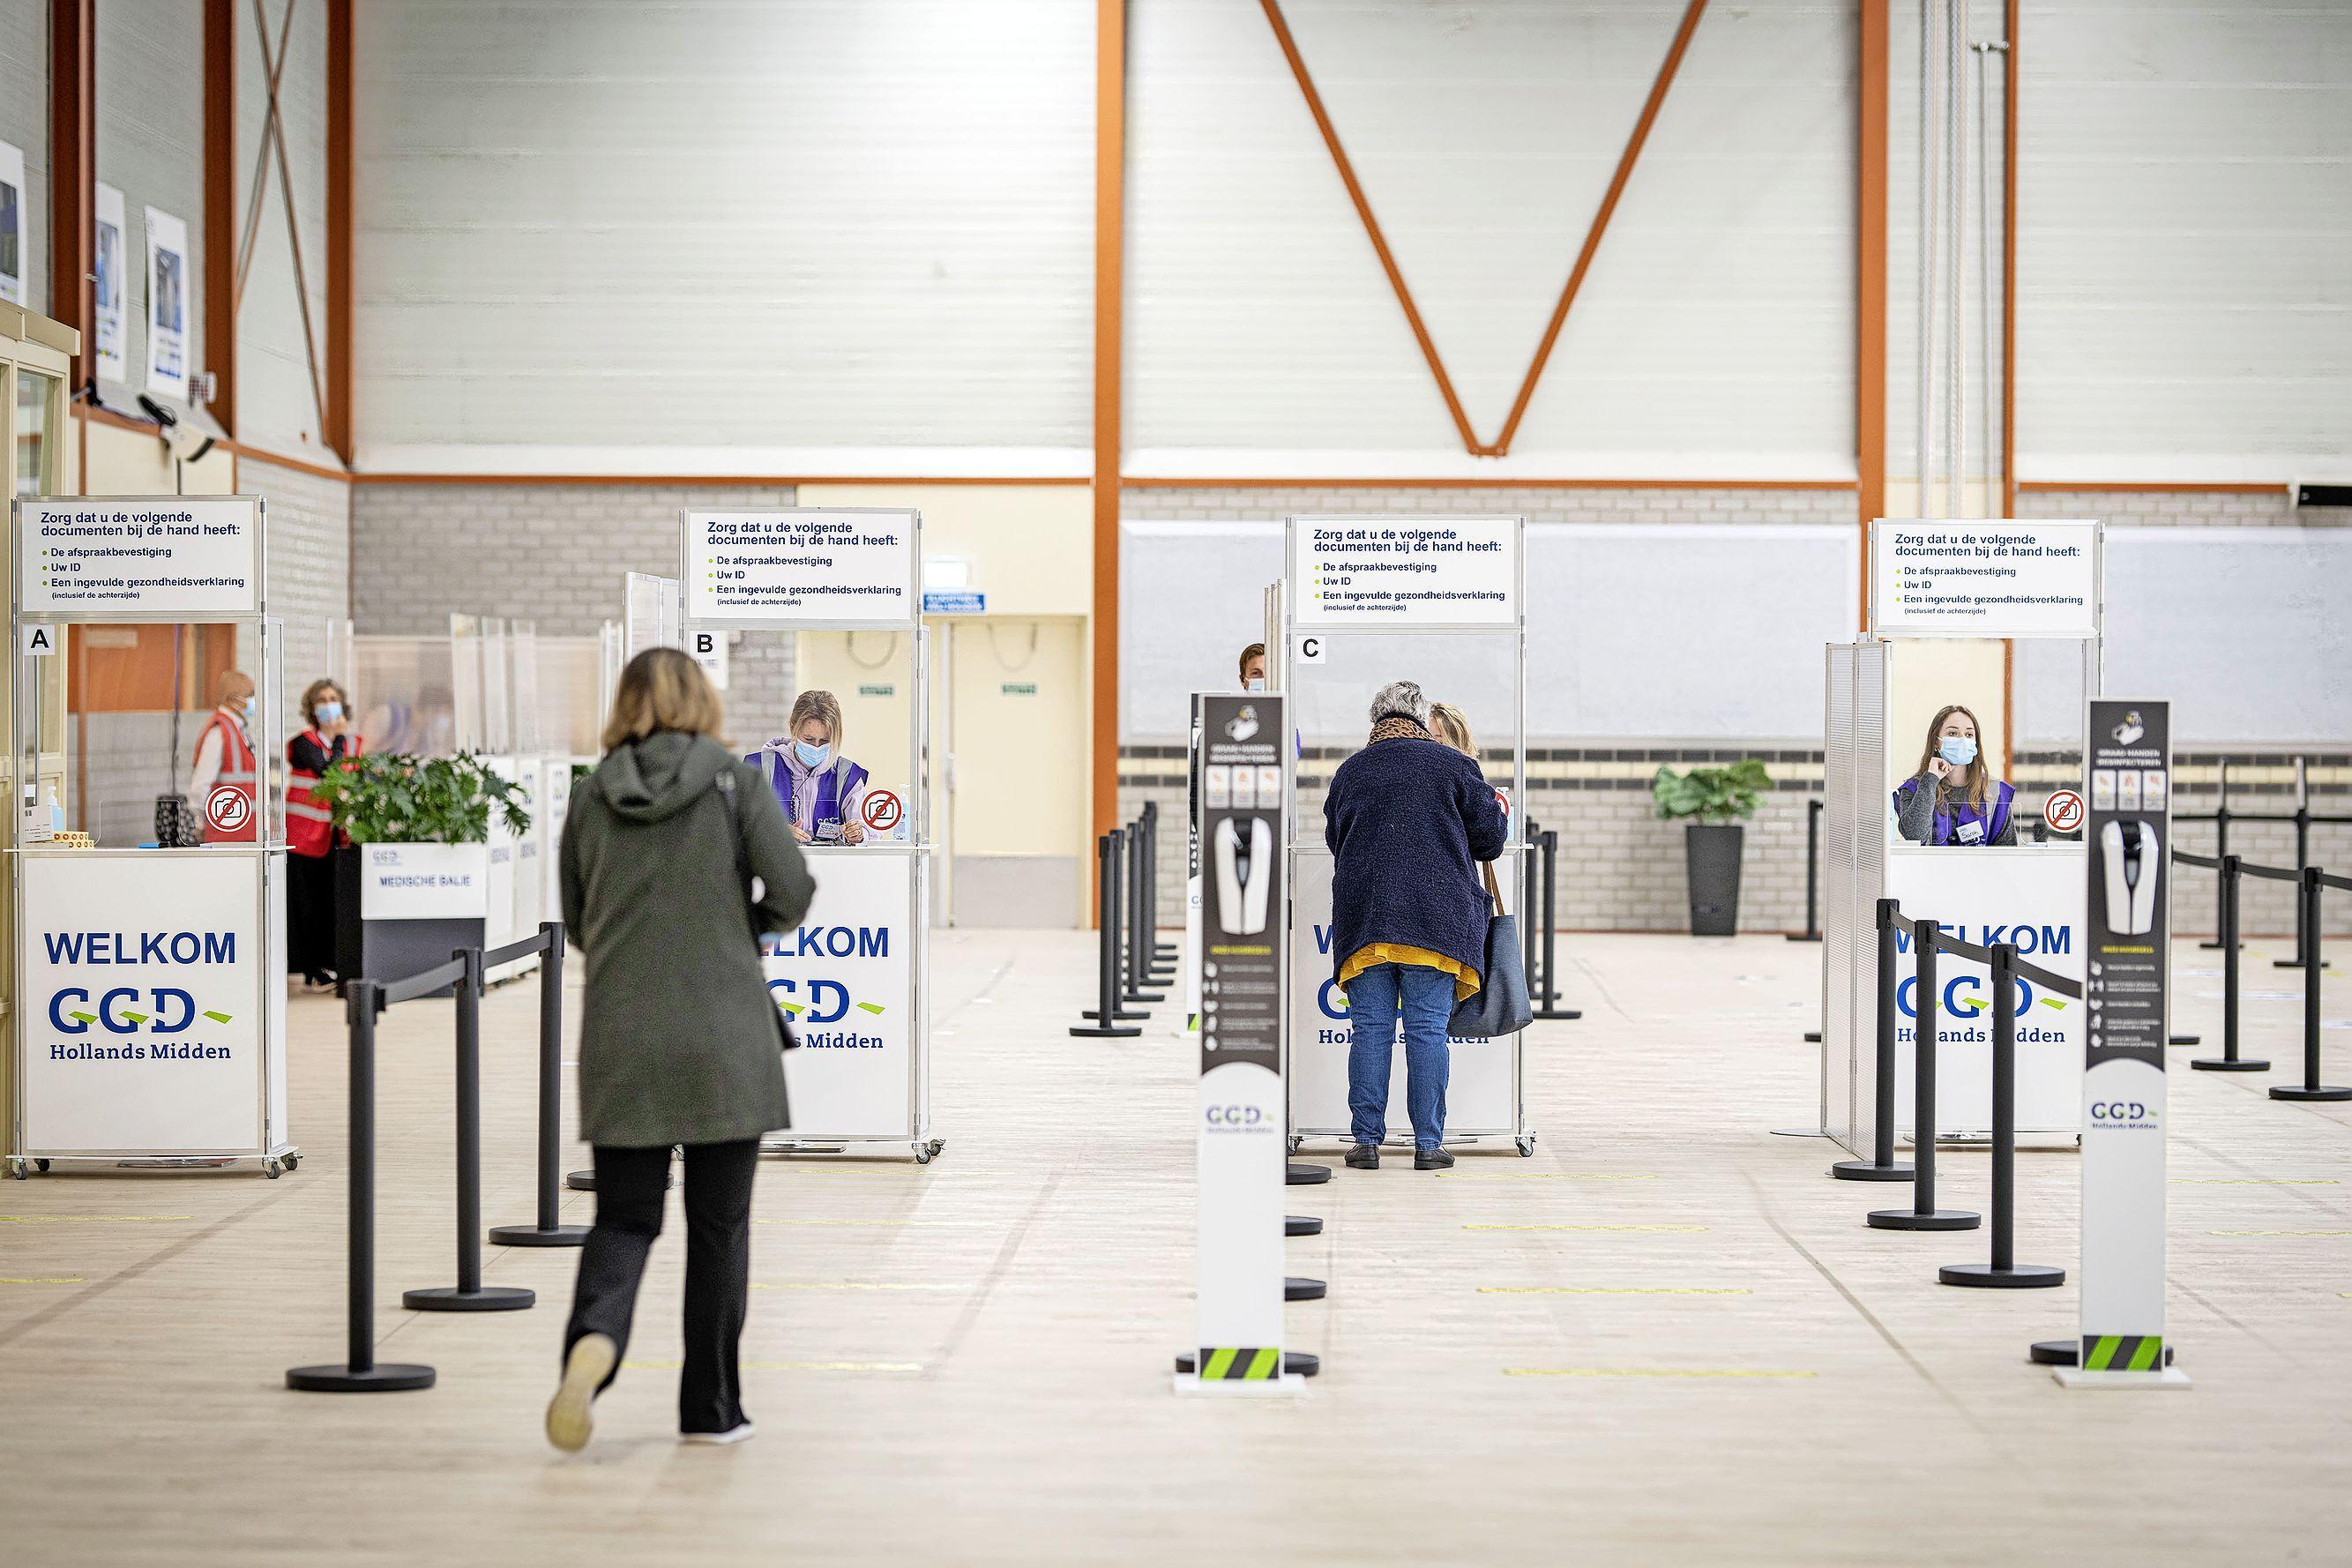 Nu ook de priklocatie in Leiderdorp open: Op naar de achttienduizend prikken per dag bij de GGD Hollands Midden